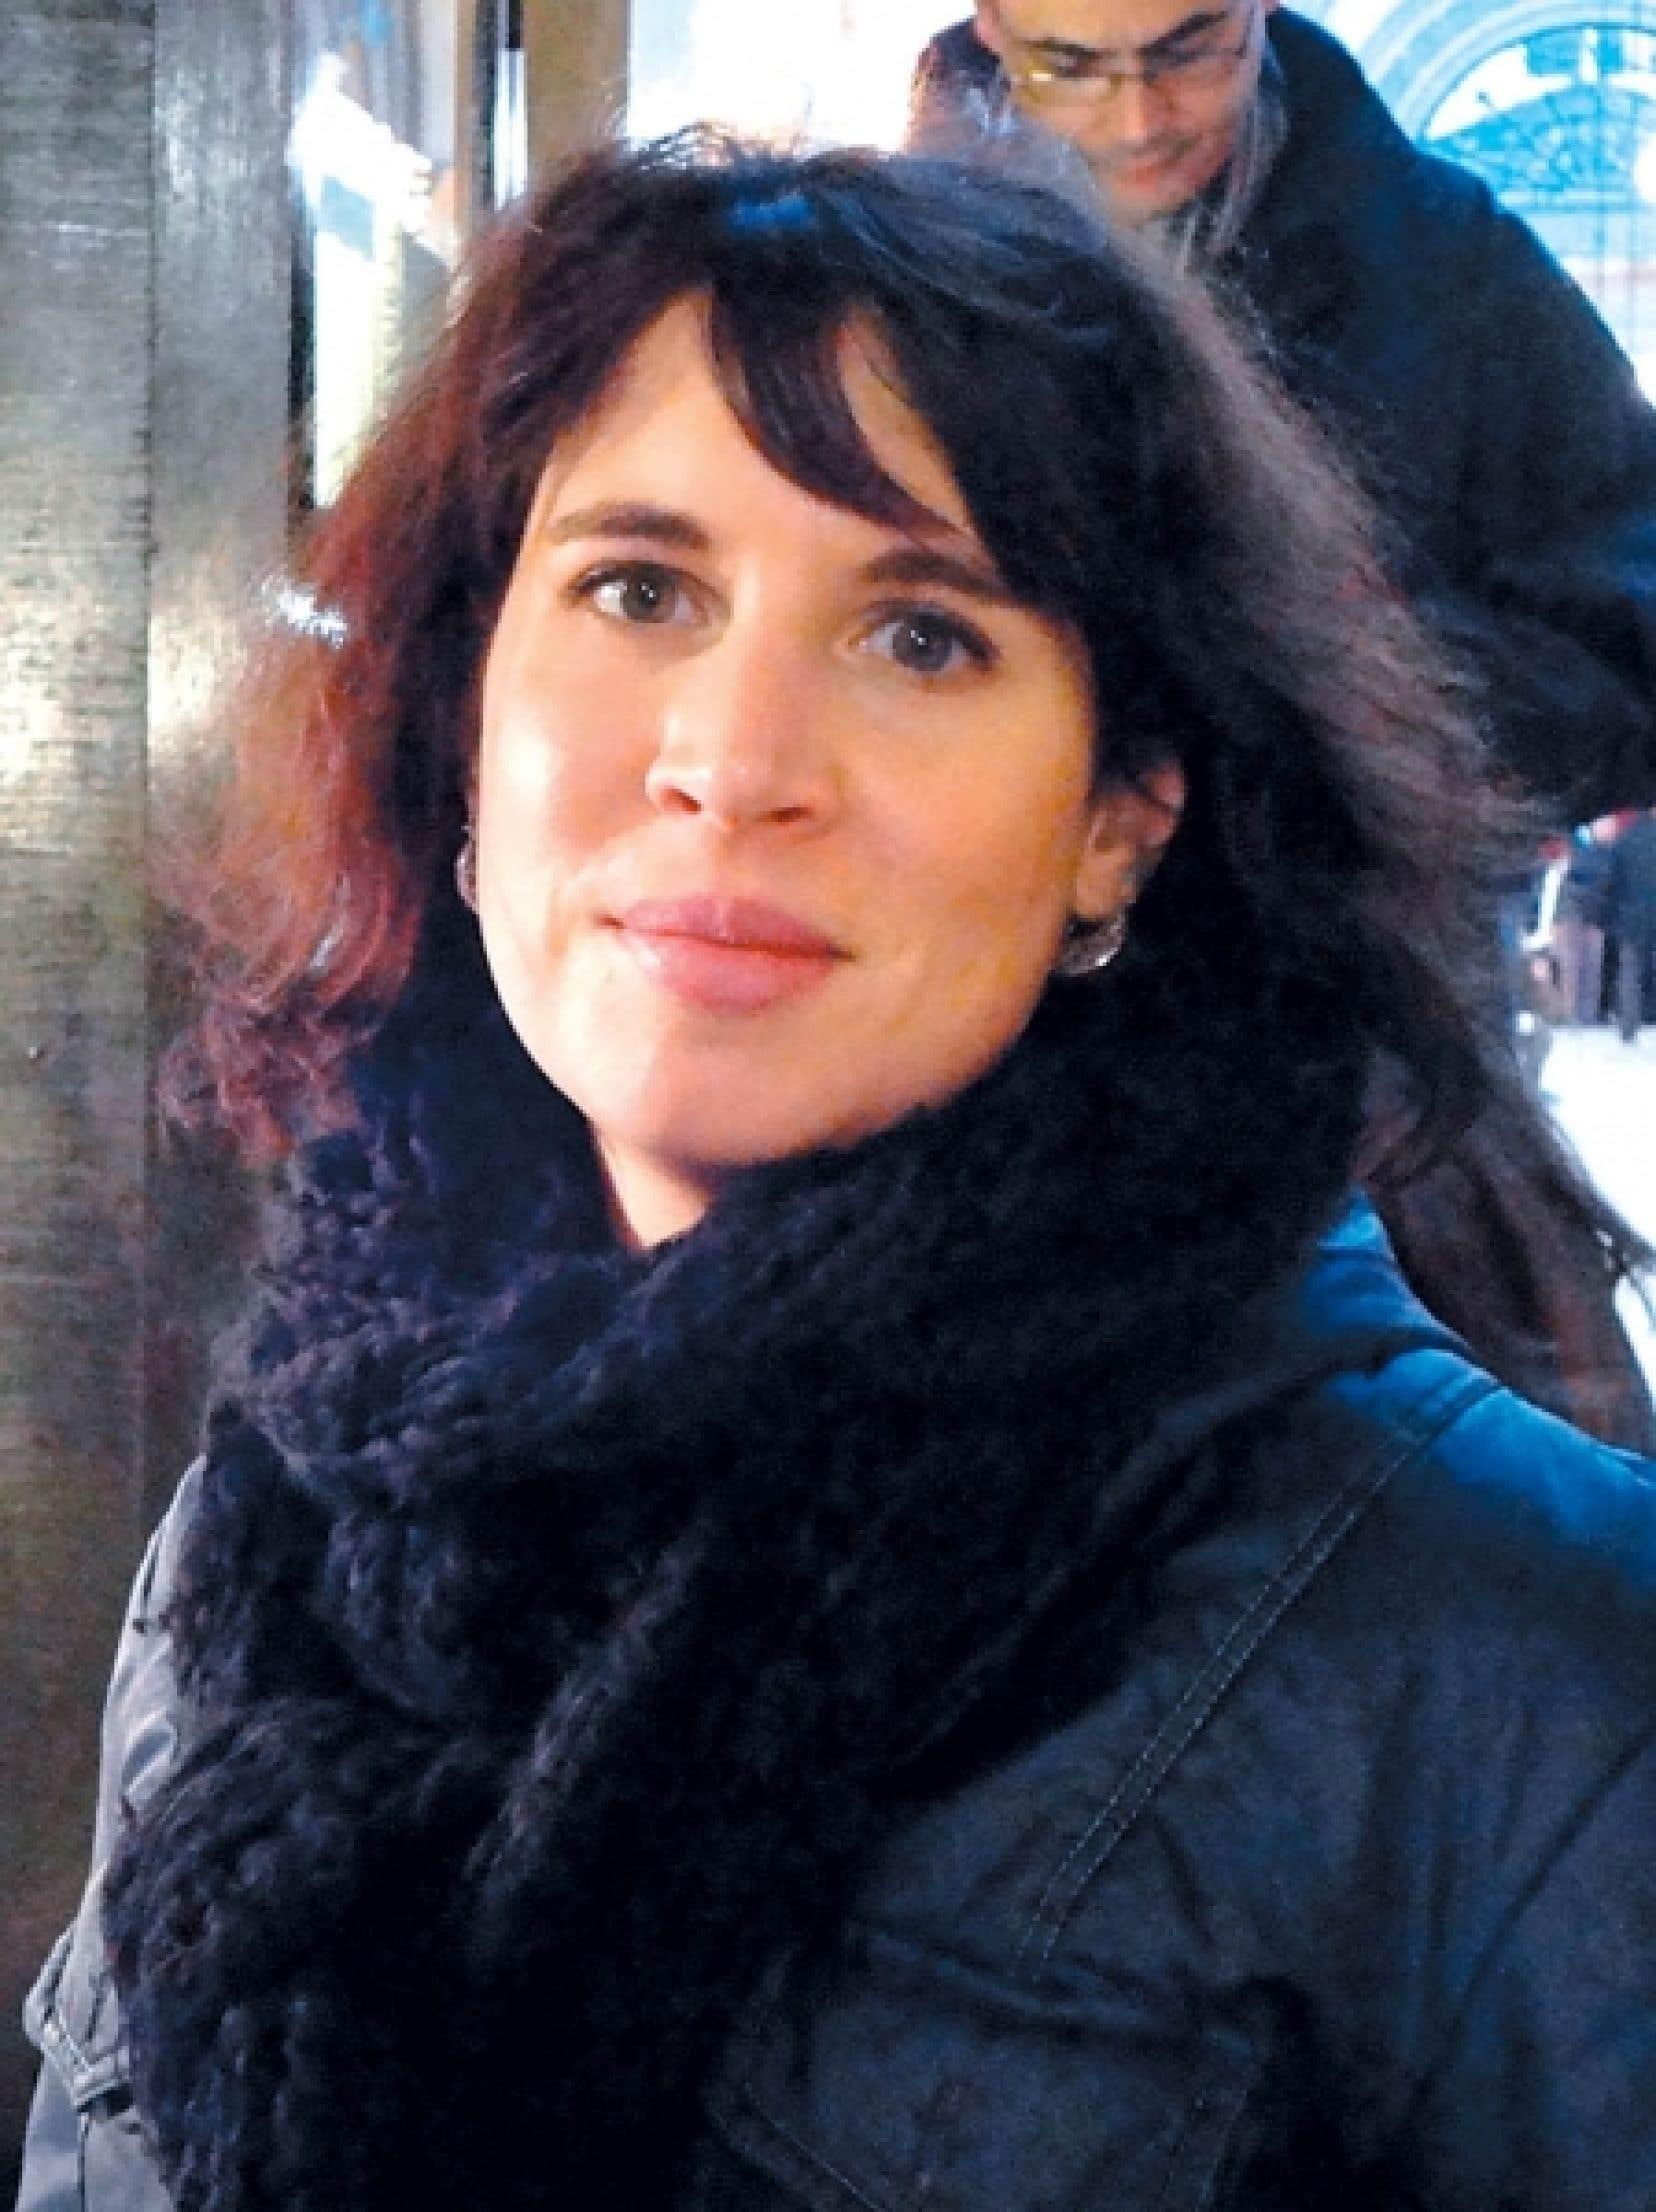 Une pétition en faveur d'Émilie Adam-Vézina a déjà recueilli 3000 signatures sur Internet.<br />